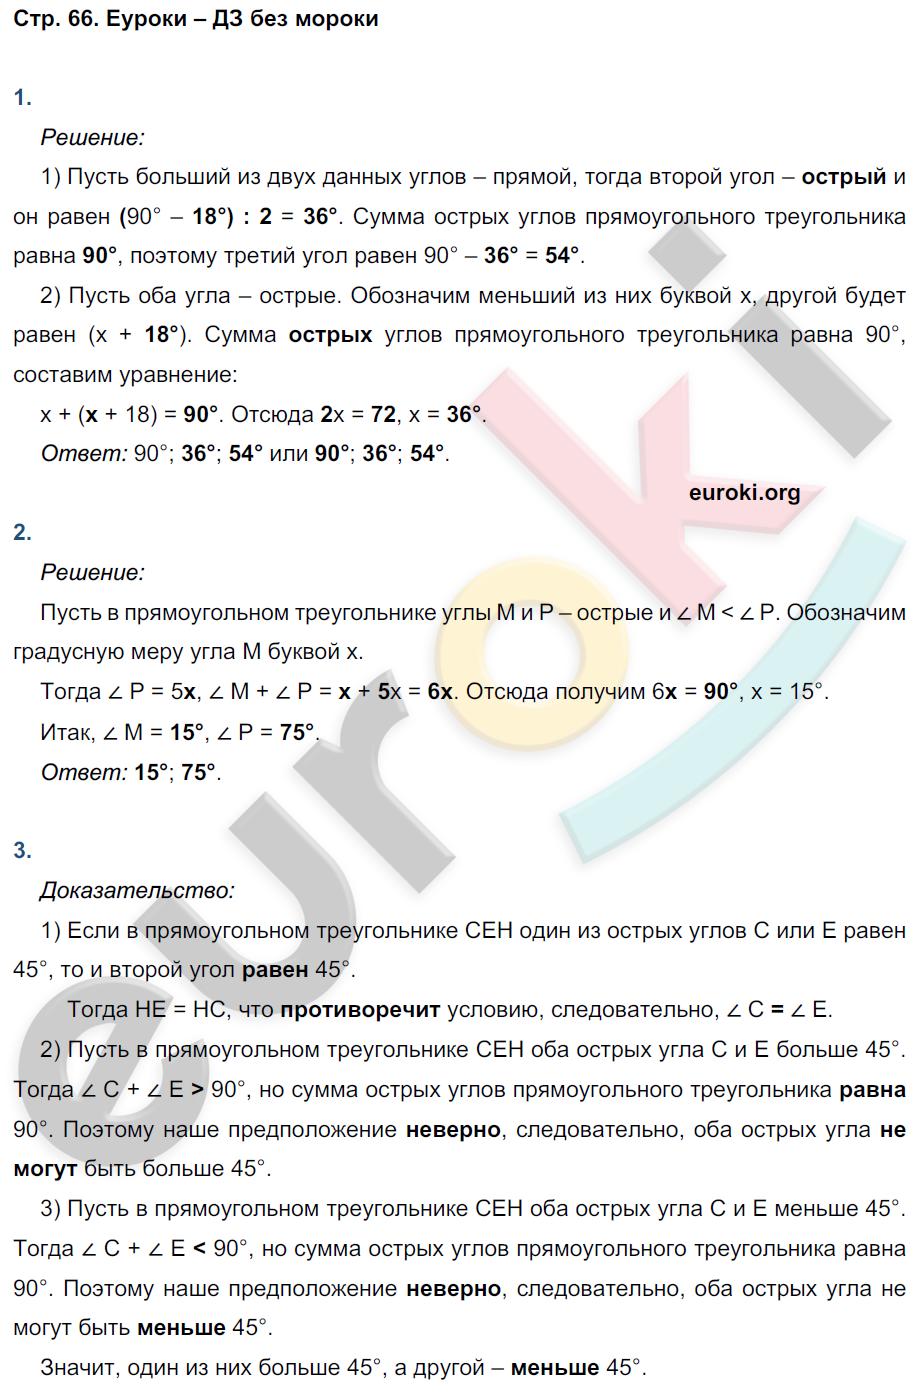 ГДЗ по геометрии 7 класс рабочая тетрадь Глазков, Камаев. К учебнику Атанасяна. Задание: стр. 66